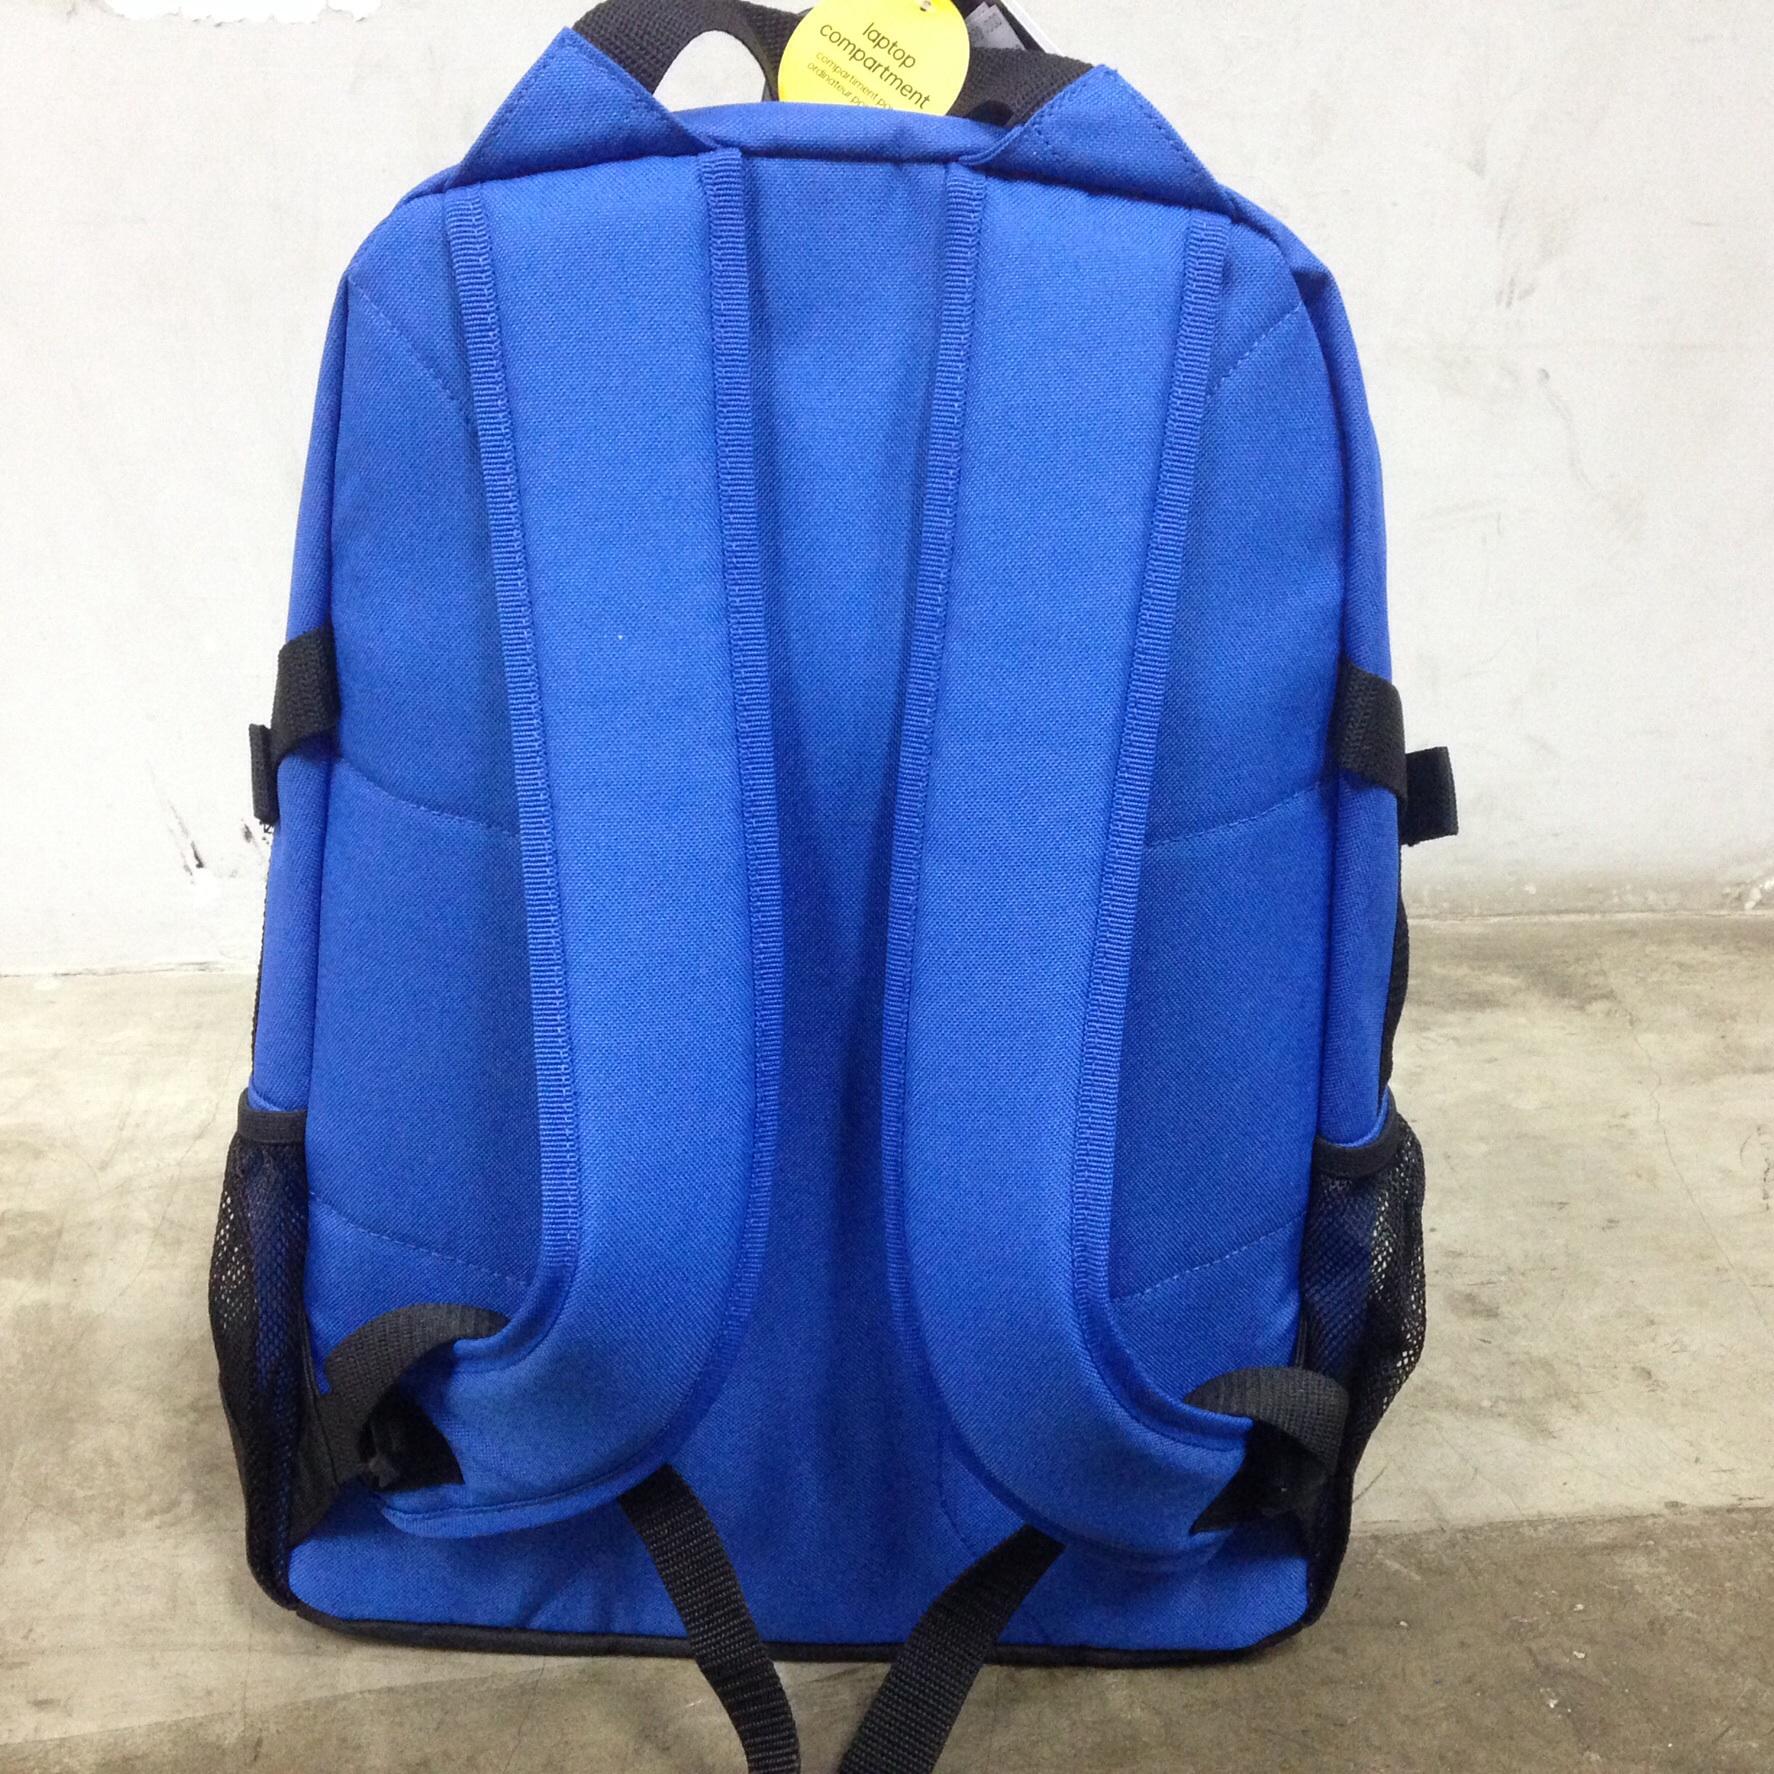 Tas Olahraga Adidas Versatile Diadora Shoebag/Backpack Travelbag ORIGINAL